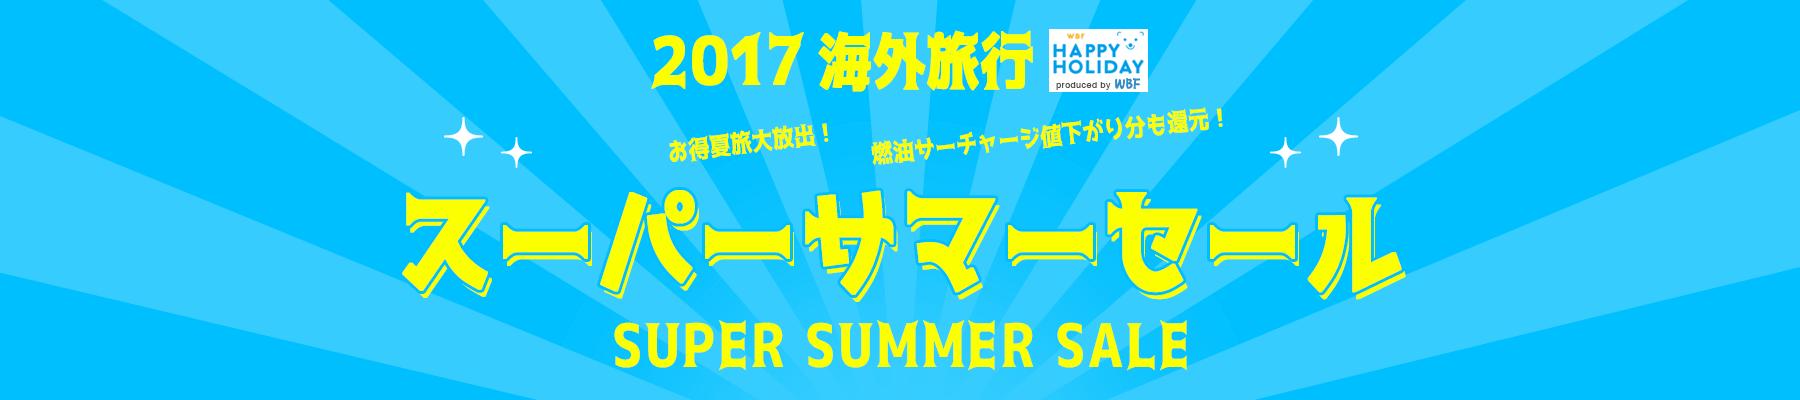 海外スーパーサマーセール特集2017